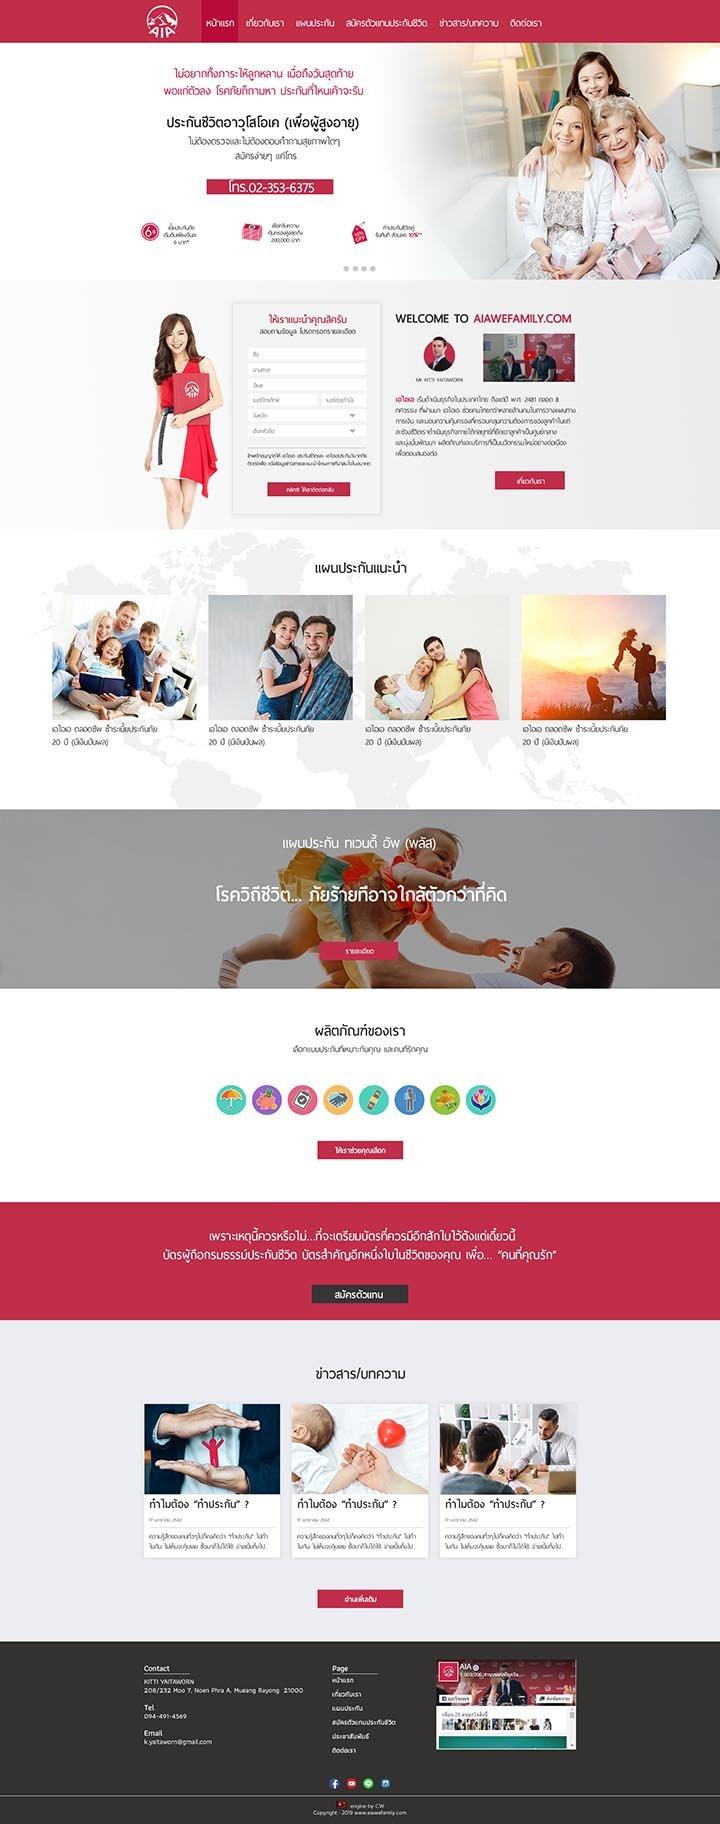 บริษัทออกแบบเว็บประกันชีวิตเอไอเอ,บริการออกแบบเว็บไซต์ประกันชีวิตaia